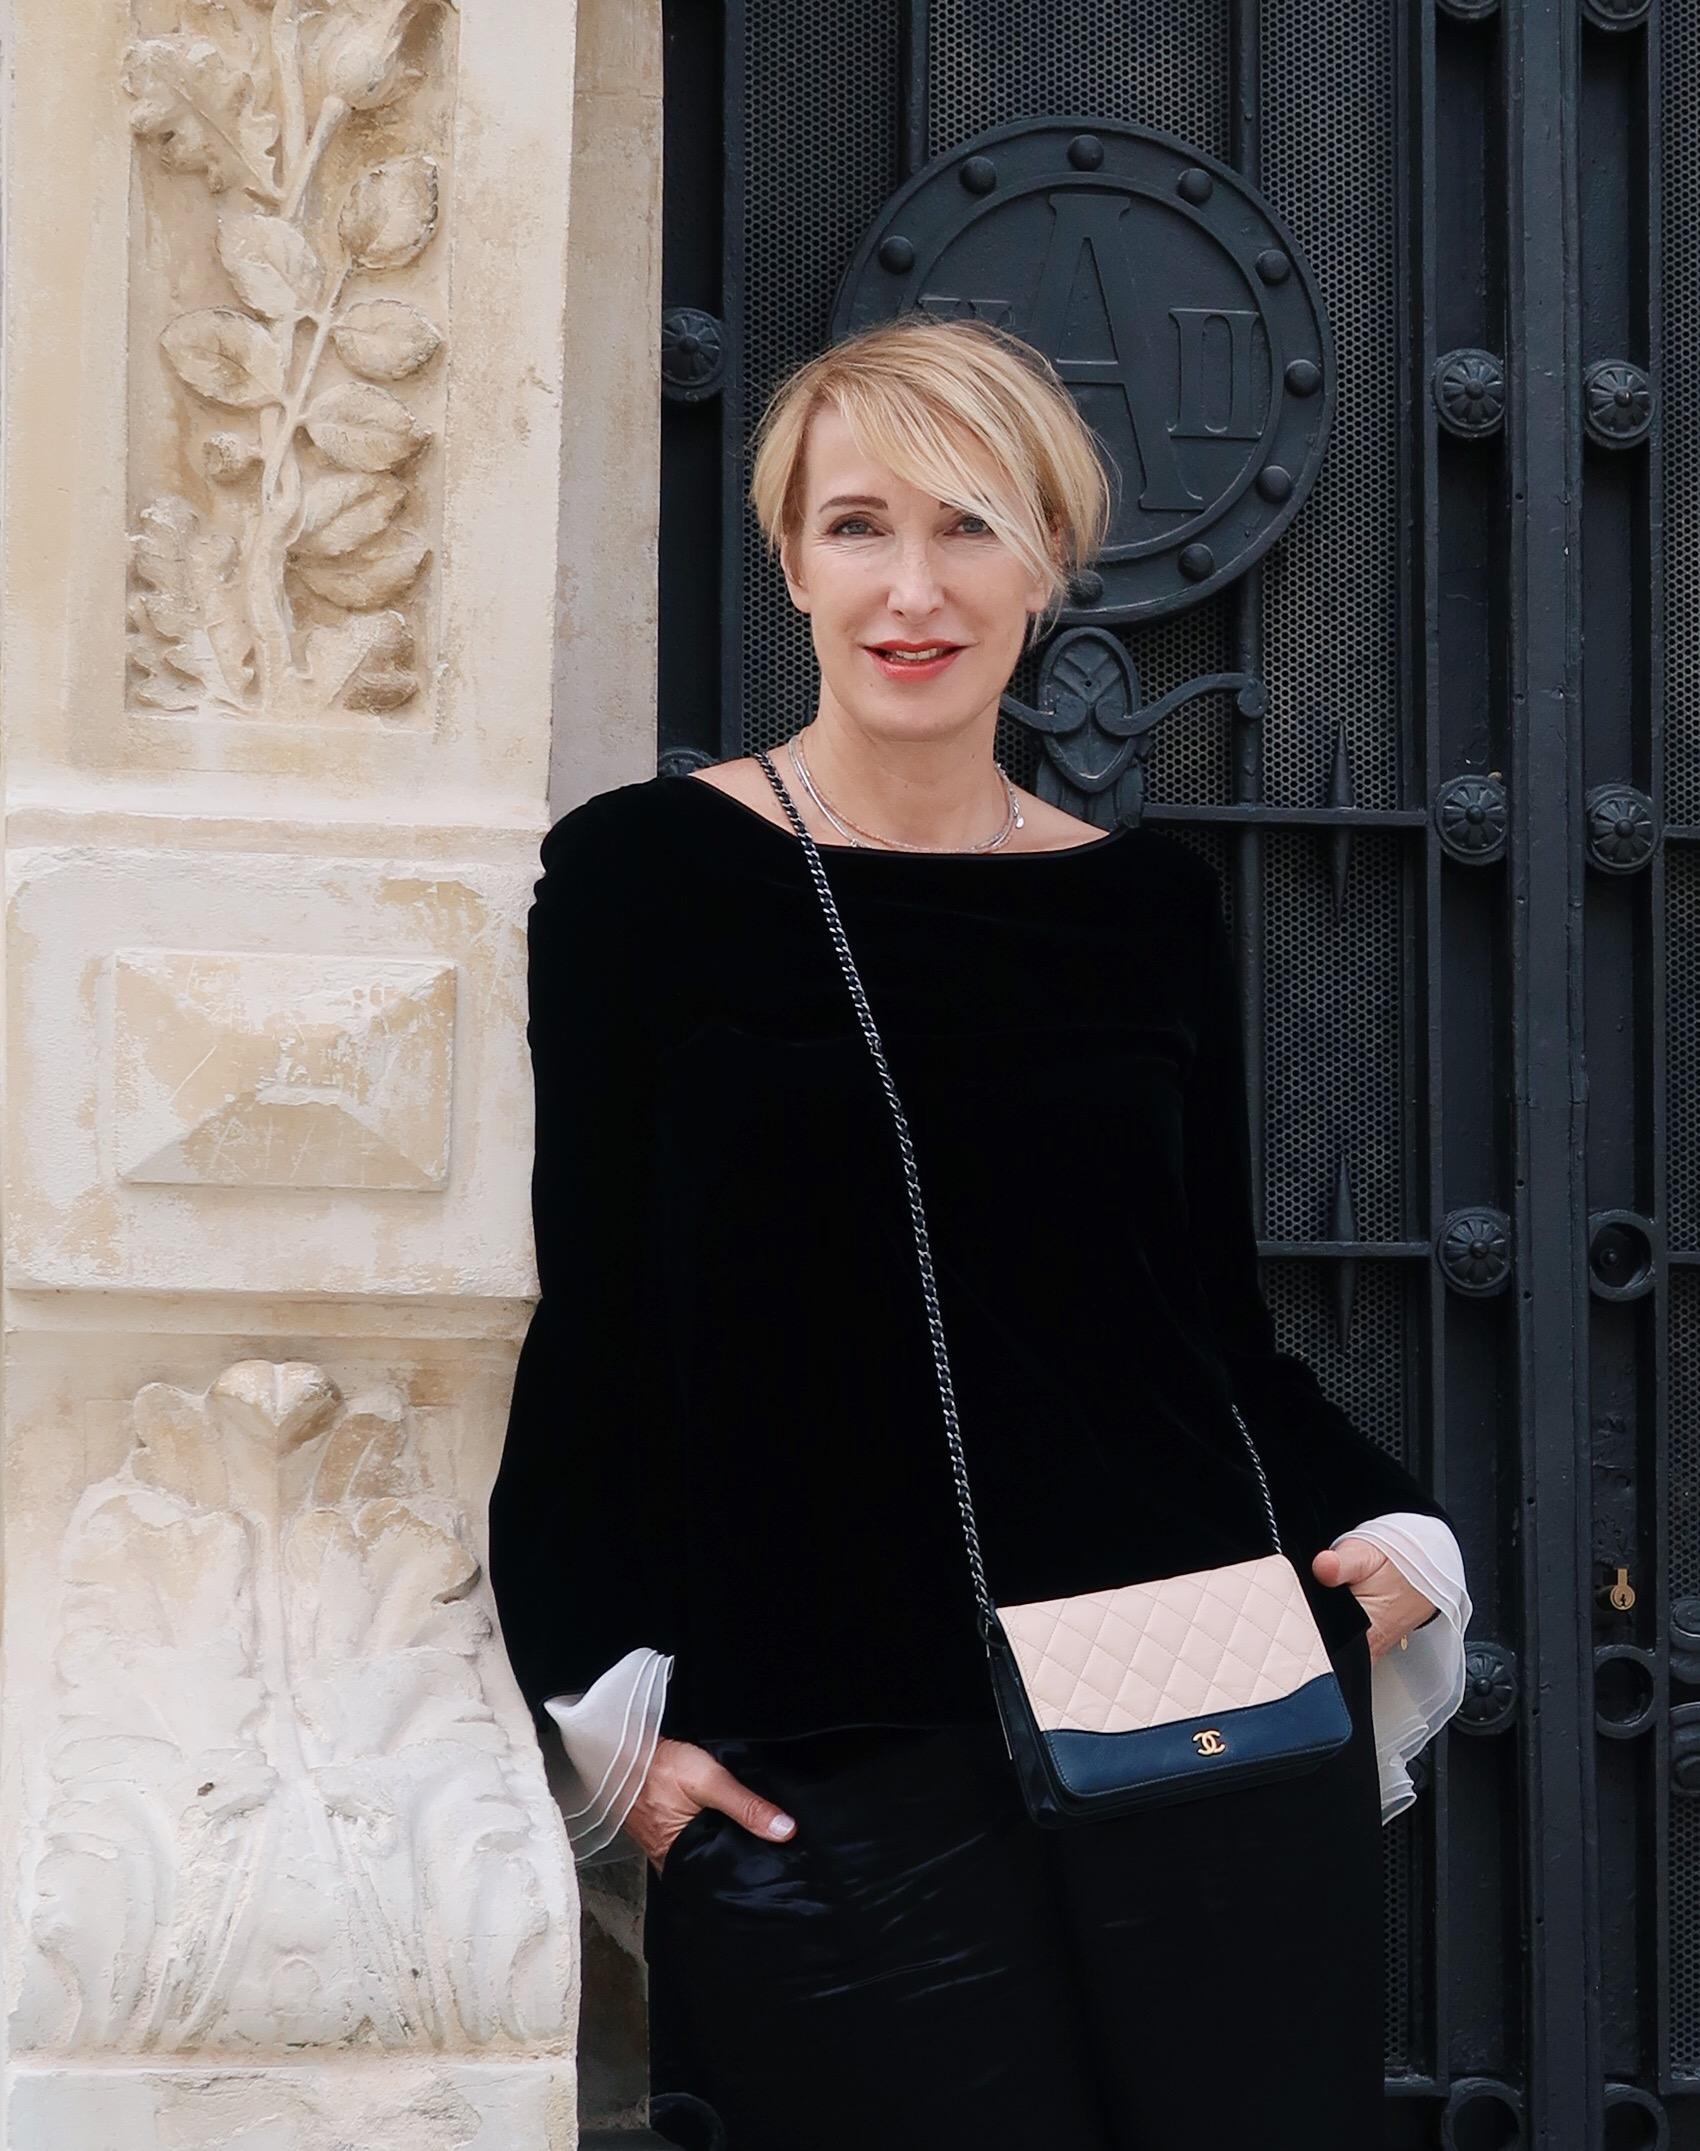 glamupyourlifestyle designer-tasche chanel-vintage wertanlage luxuxgüter ü-40-blog ue-40-blog ü-50-blog ue-50-blog